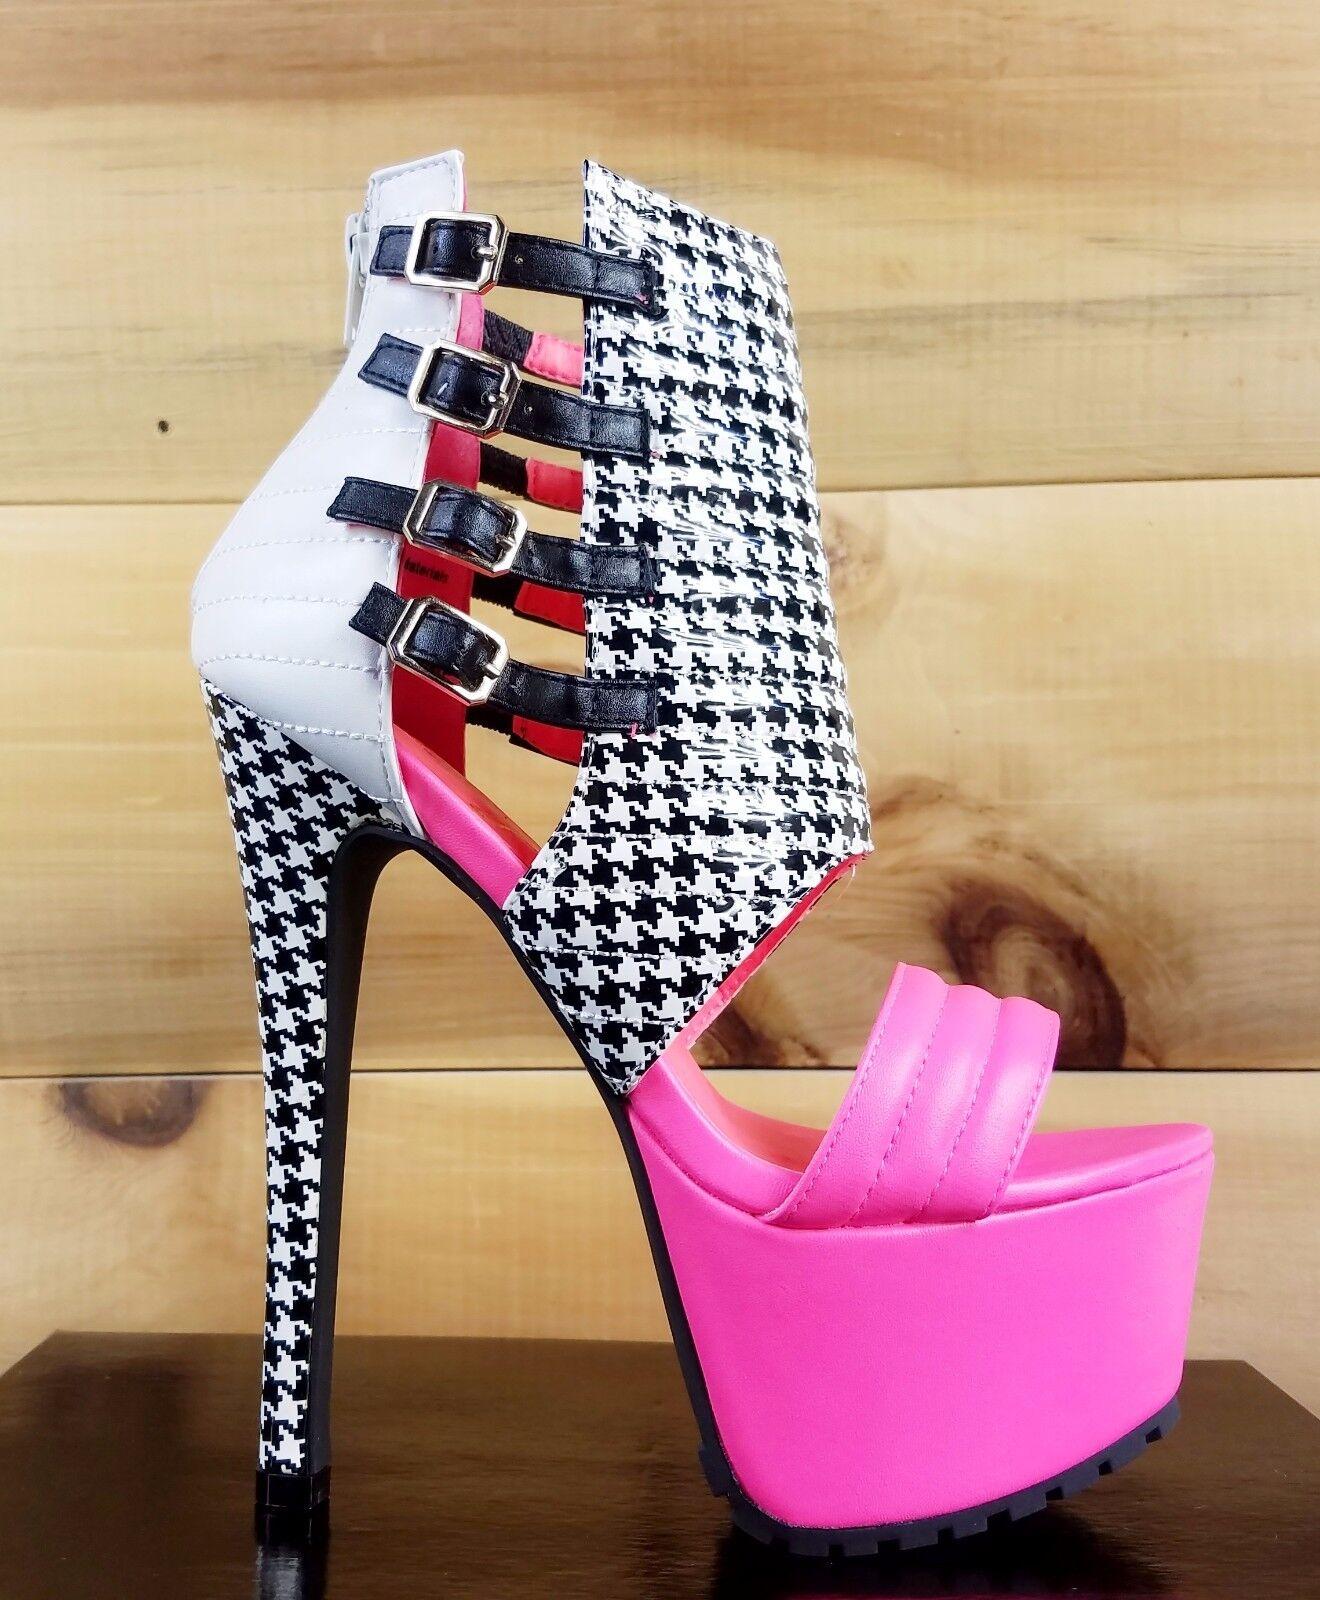 Privileged Xpress Neon rosa nero & bianca Houndstooth High Heel Platform scarpe